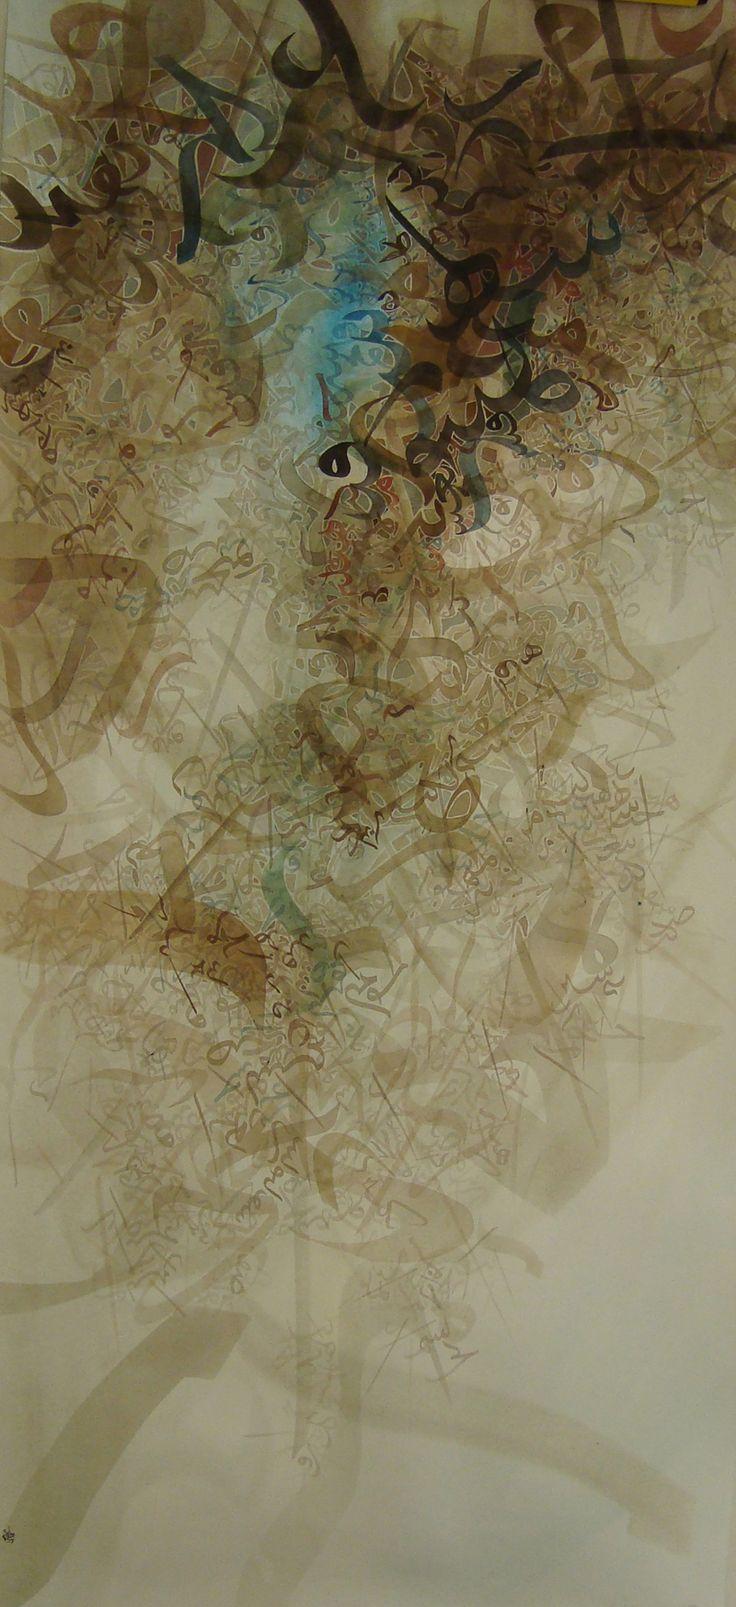 Arabic calligraphy by Syrian artist Khaled Al-Saai.